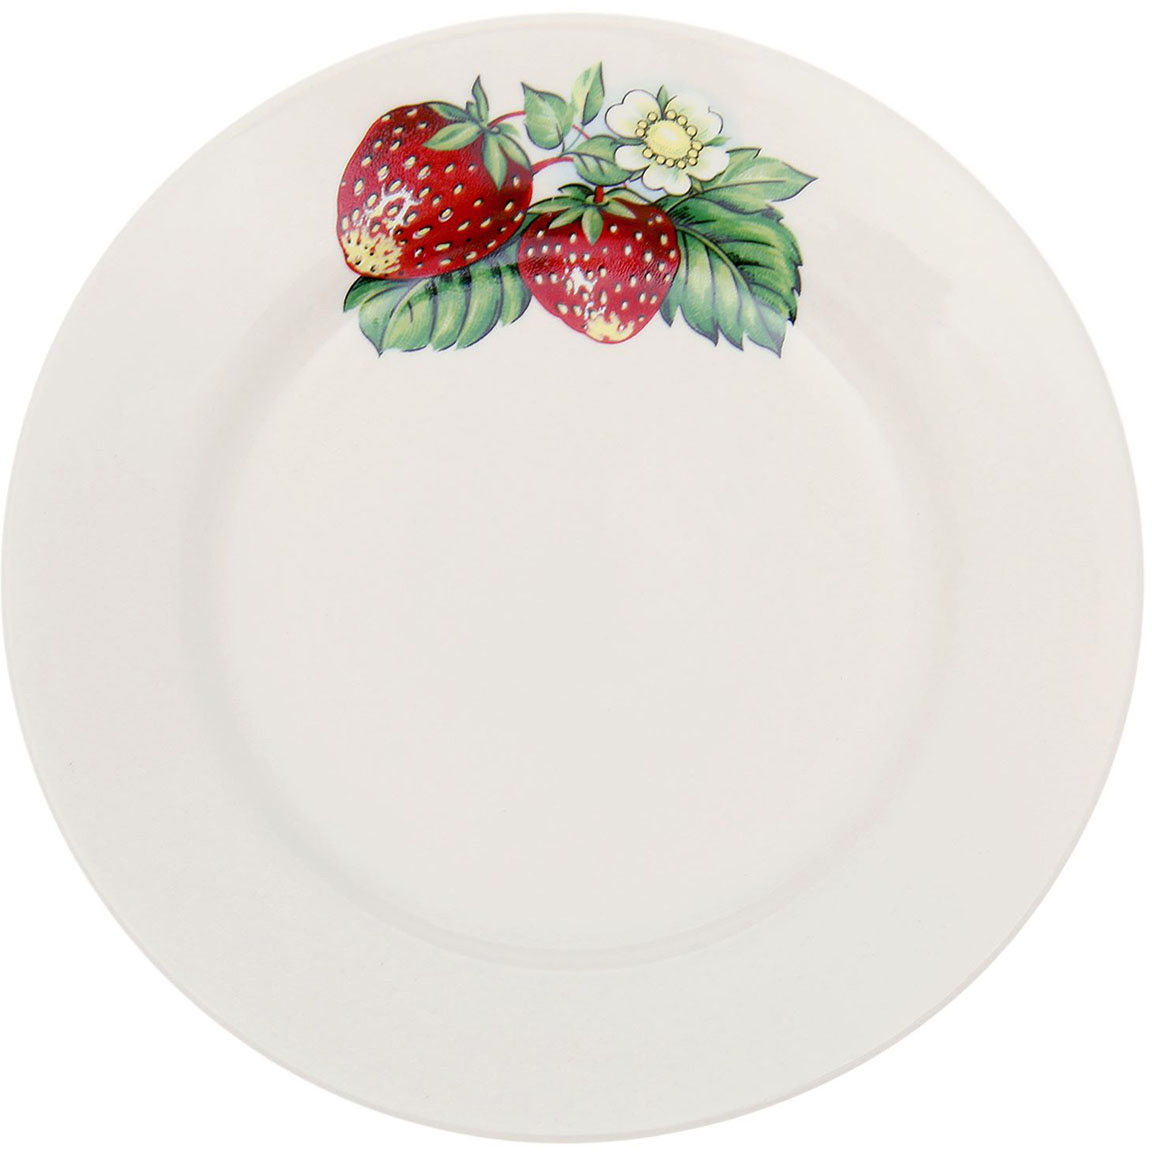 Данная тарелка понравится любителям вкусной и полезной домашней пищи. Такая посуда практична и красива, в ней можно хранить и подавать разнообразные блюда. При многократном использовании изделие сохранит свой вид и выдержит мытье в посудомоечной машине. В керамической емкости горячая пища долго сохраняет свое тепло, остуженные блюда остаются прохладными. Изделие не выделяет вредных веществ при нагревании и длительном хранении за счет экологичности материала.